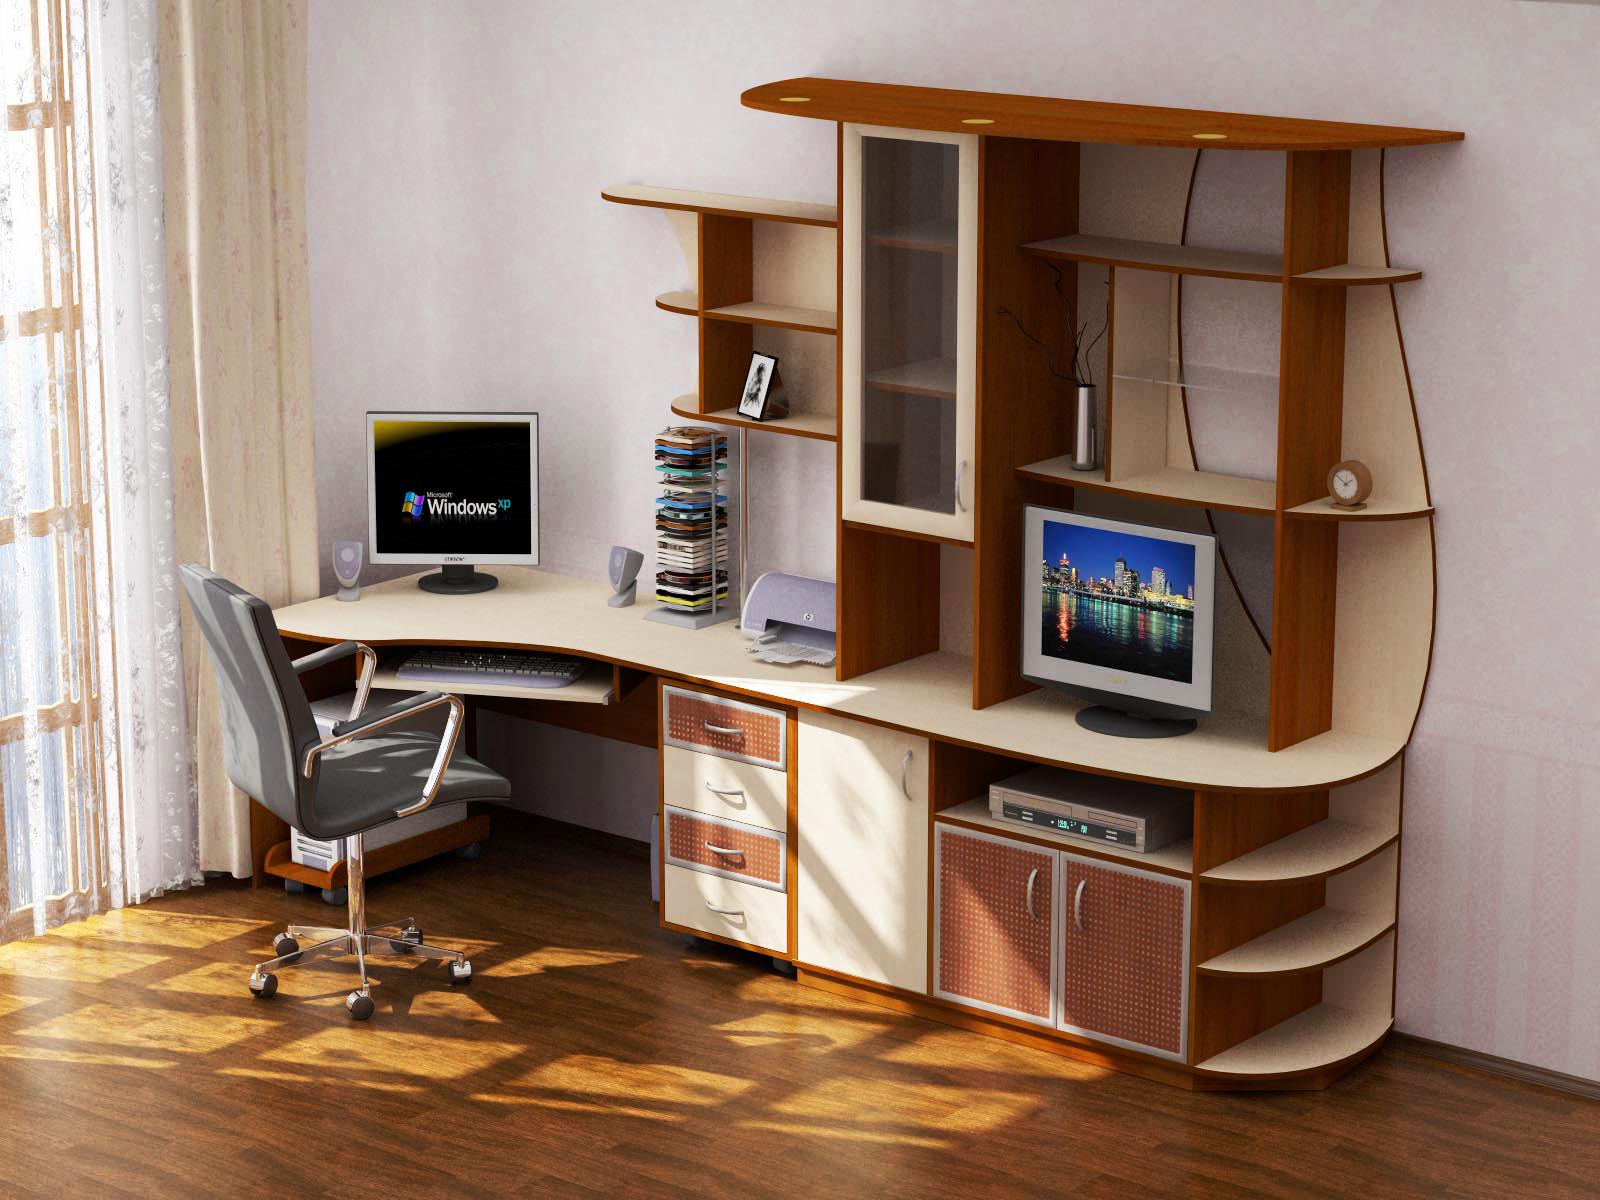 Угловой компьютерный стол с надстройкой и шкафчиками.